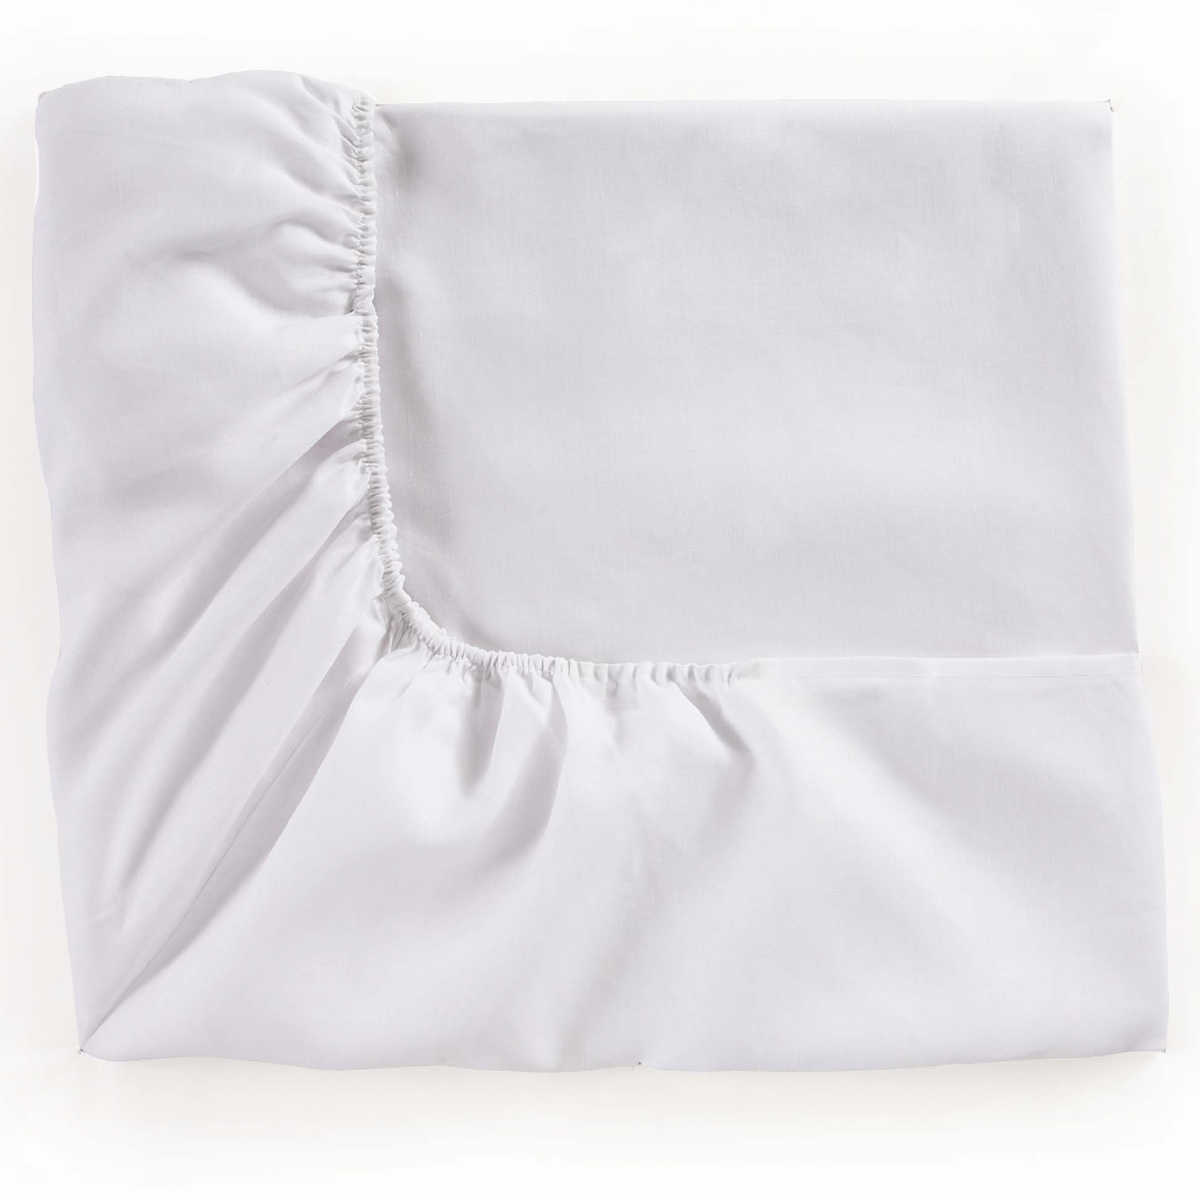 Alexandre turpault keops linen bedding for Drap housse leclerc